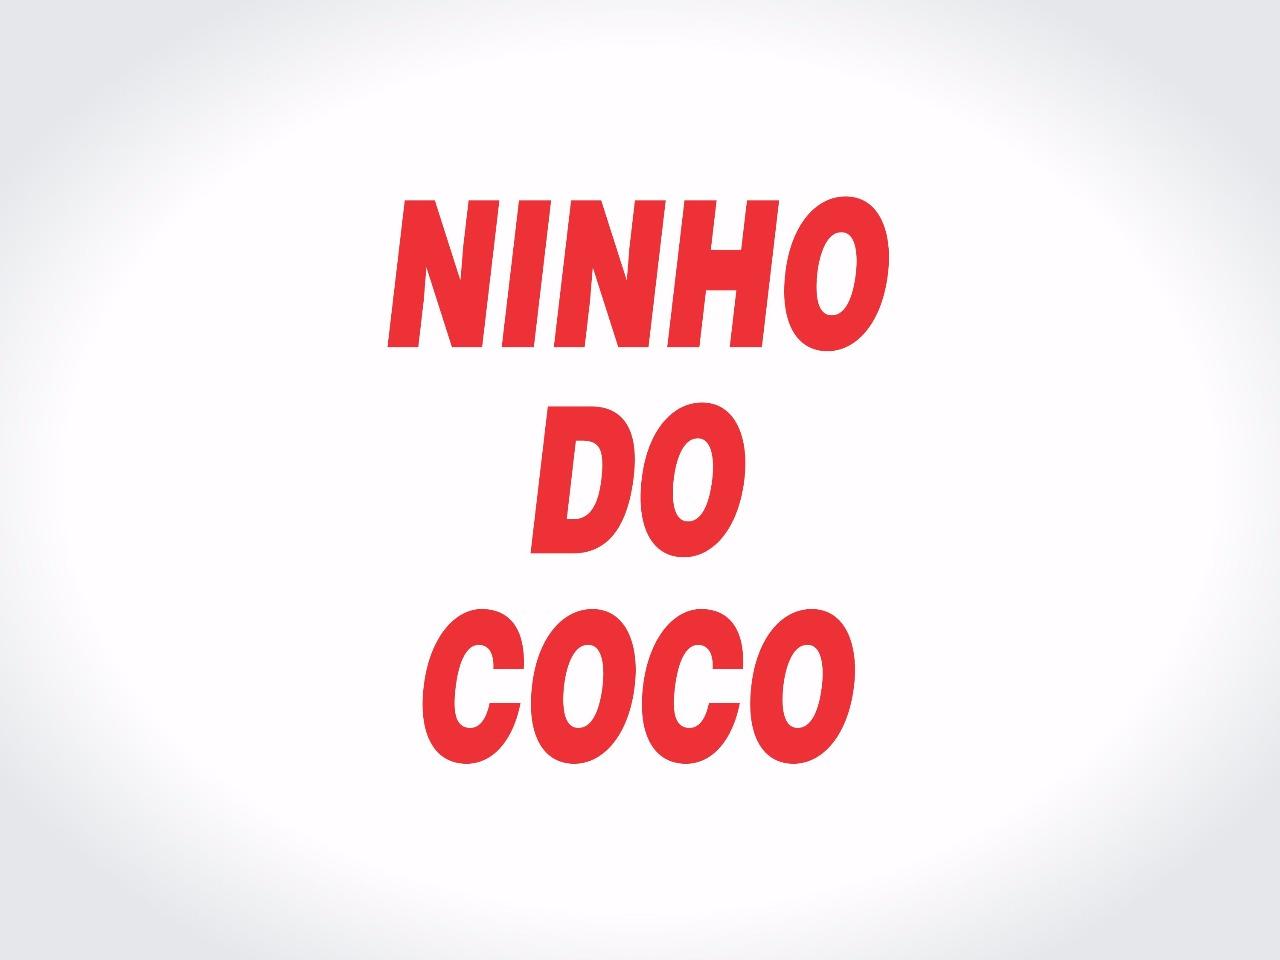 NINHO DO COCO